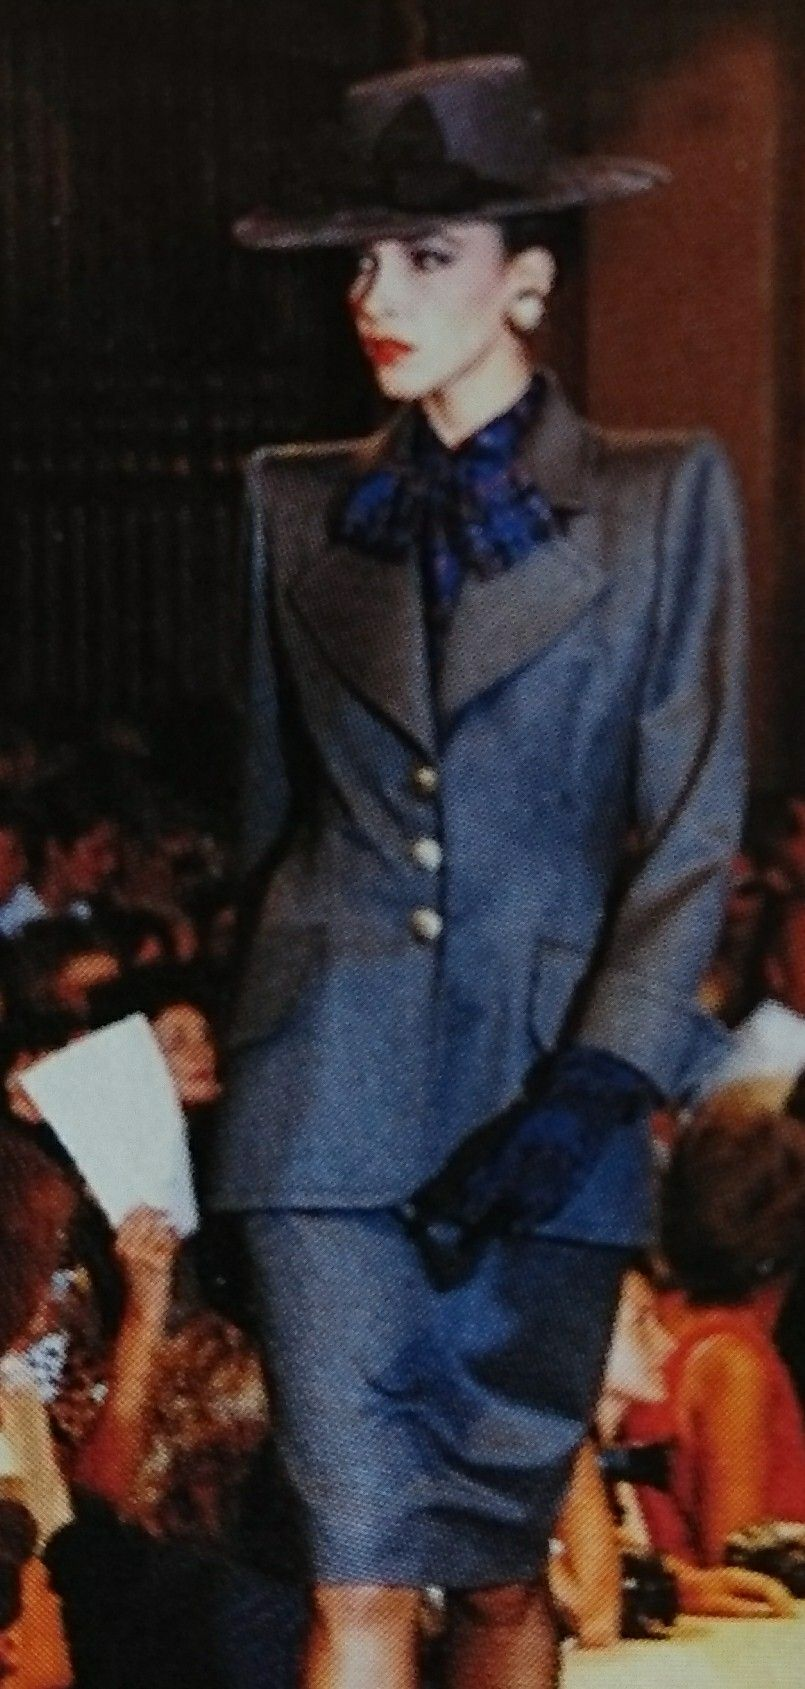 Juillet 1986. Haute couture hiver 1986/87. L Officiel 1000 modèles.